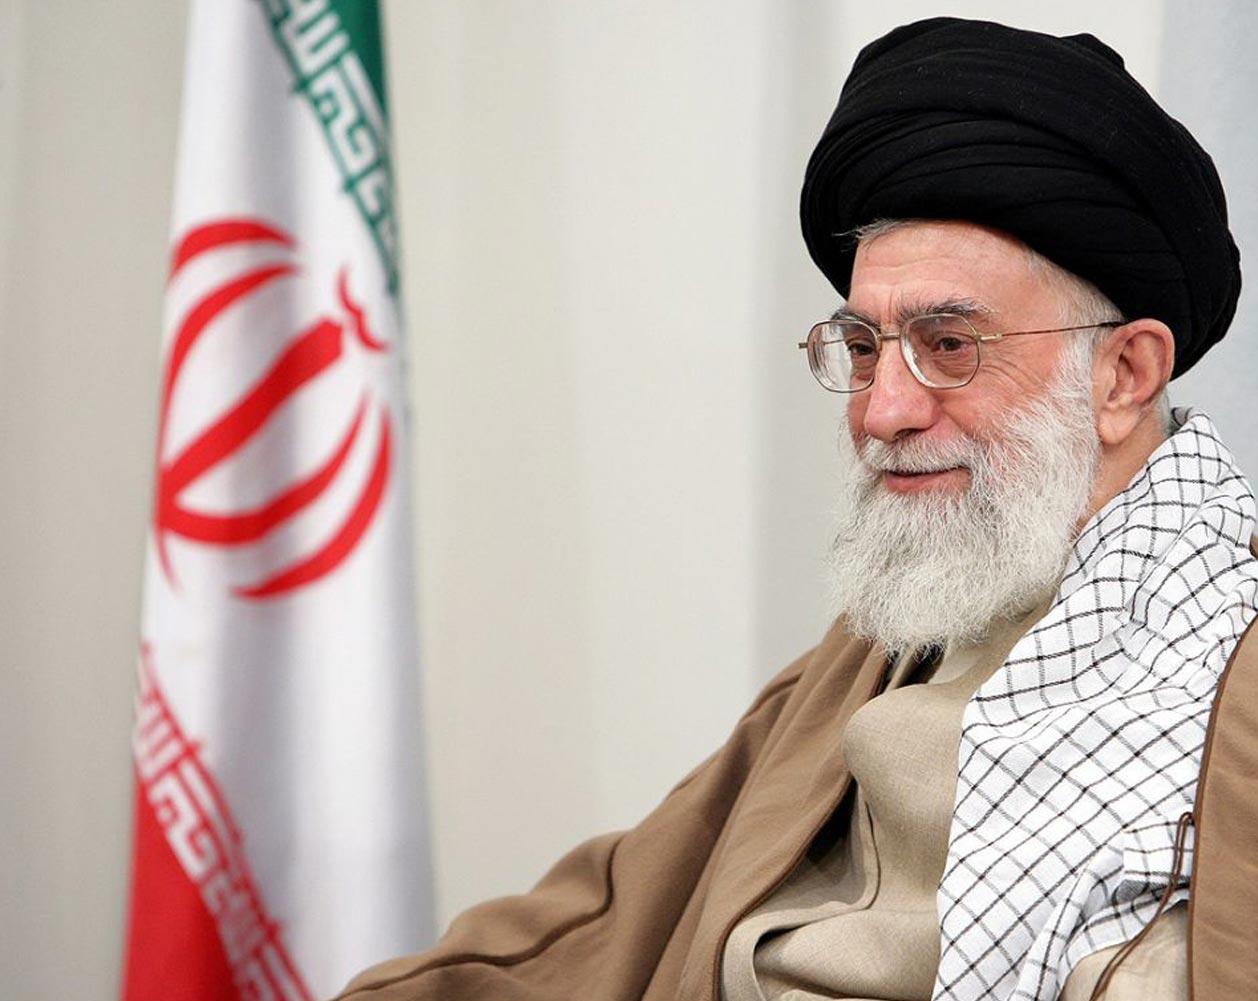 Trúc Giang MN – NHỮNG CHIẾN DỊCH BÍ MẬT CỦA HOA KỲ VÀ DO THÁI ĐÁNH PHÁ CHƯƠNG TRÌNH HẠT NHÂN CỦA IRAN